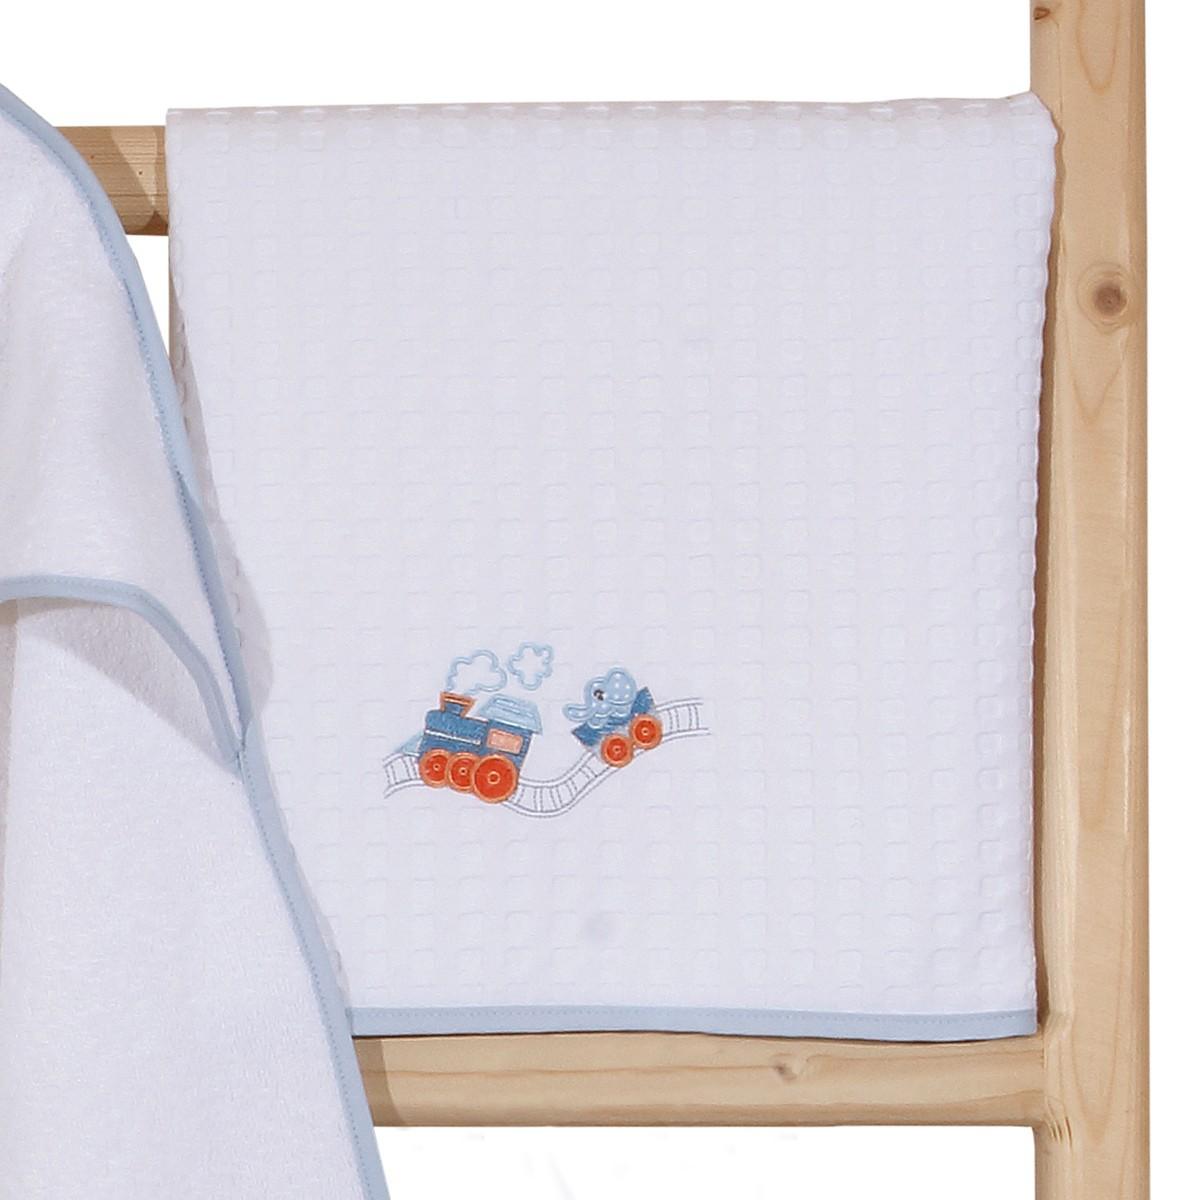 Κουβέρτα Πικέ Κούνιας Anna Riska Train home   βρεφικά   κουβέρτες βρεφικές   κουβέρτες καλοκαιρινές